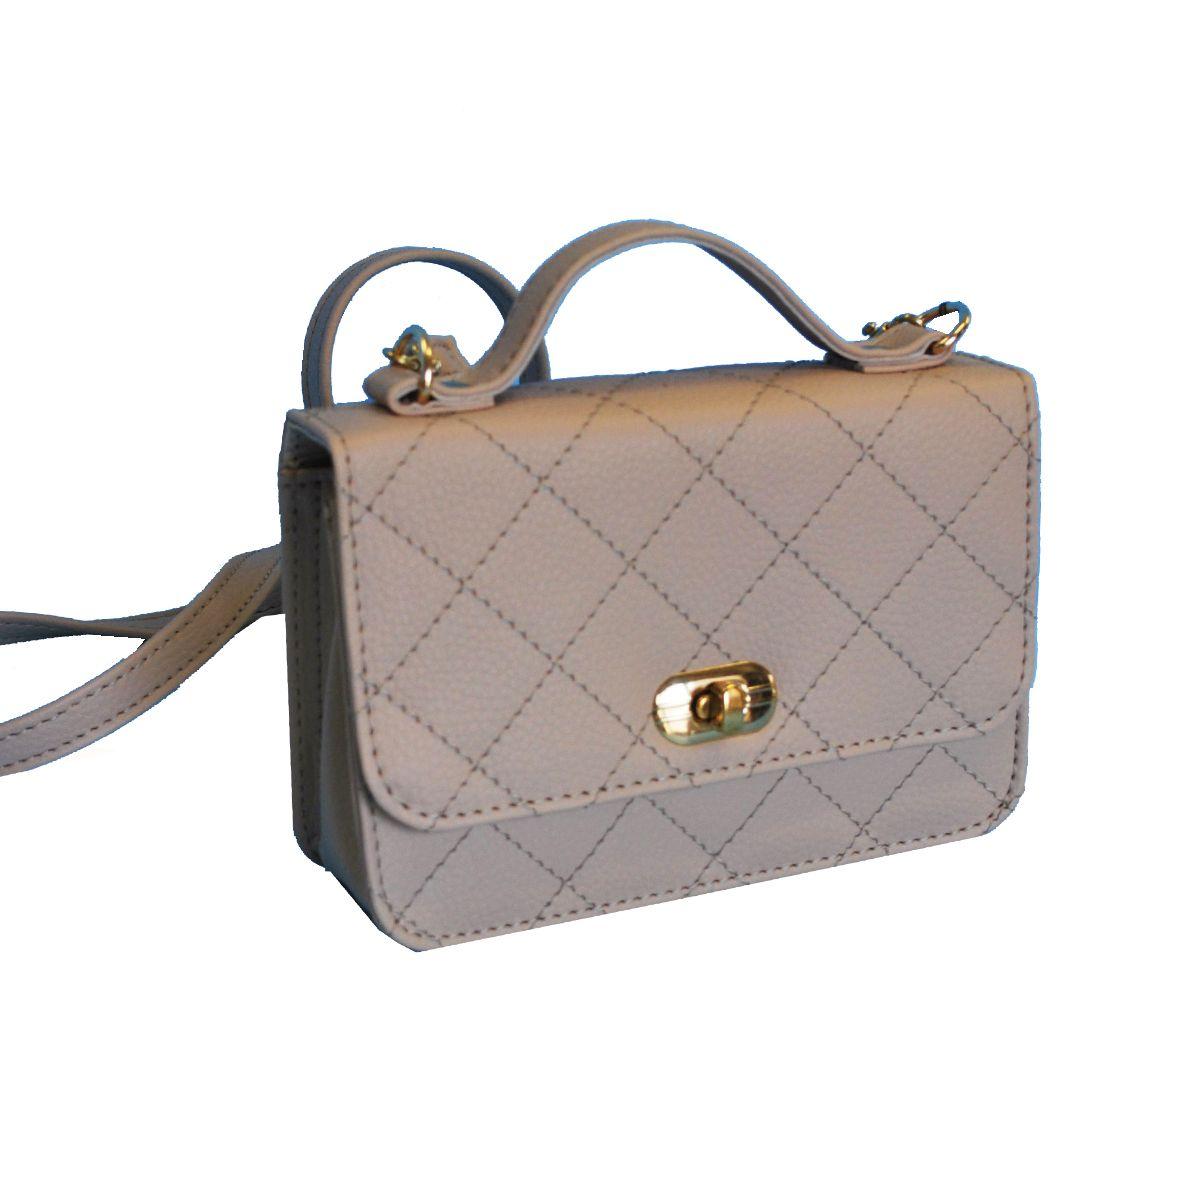 Dámska štýlová kabelka crossbody 8679 vo svetlo béžovej farbe 16c8c943c5d